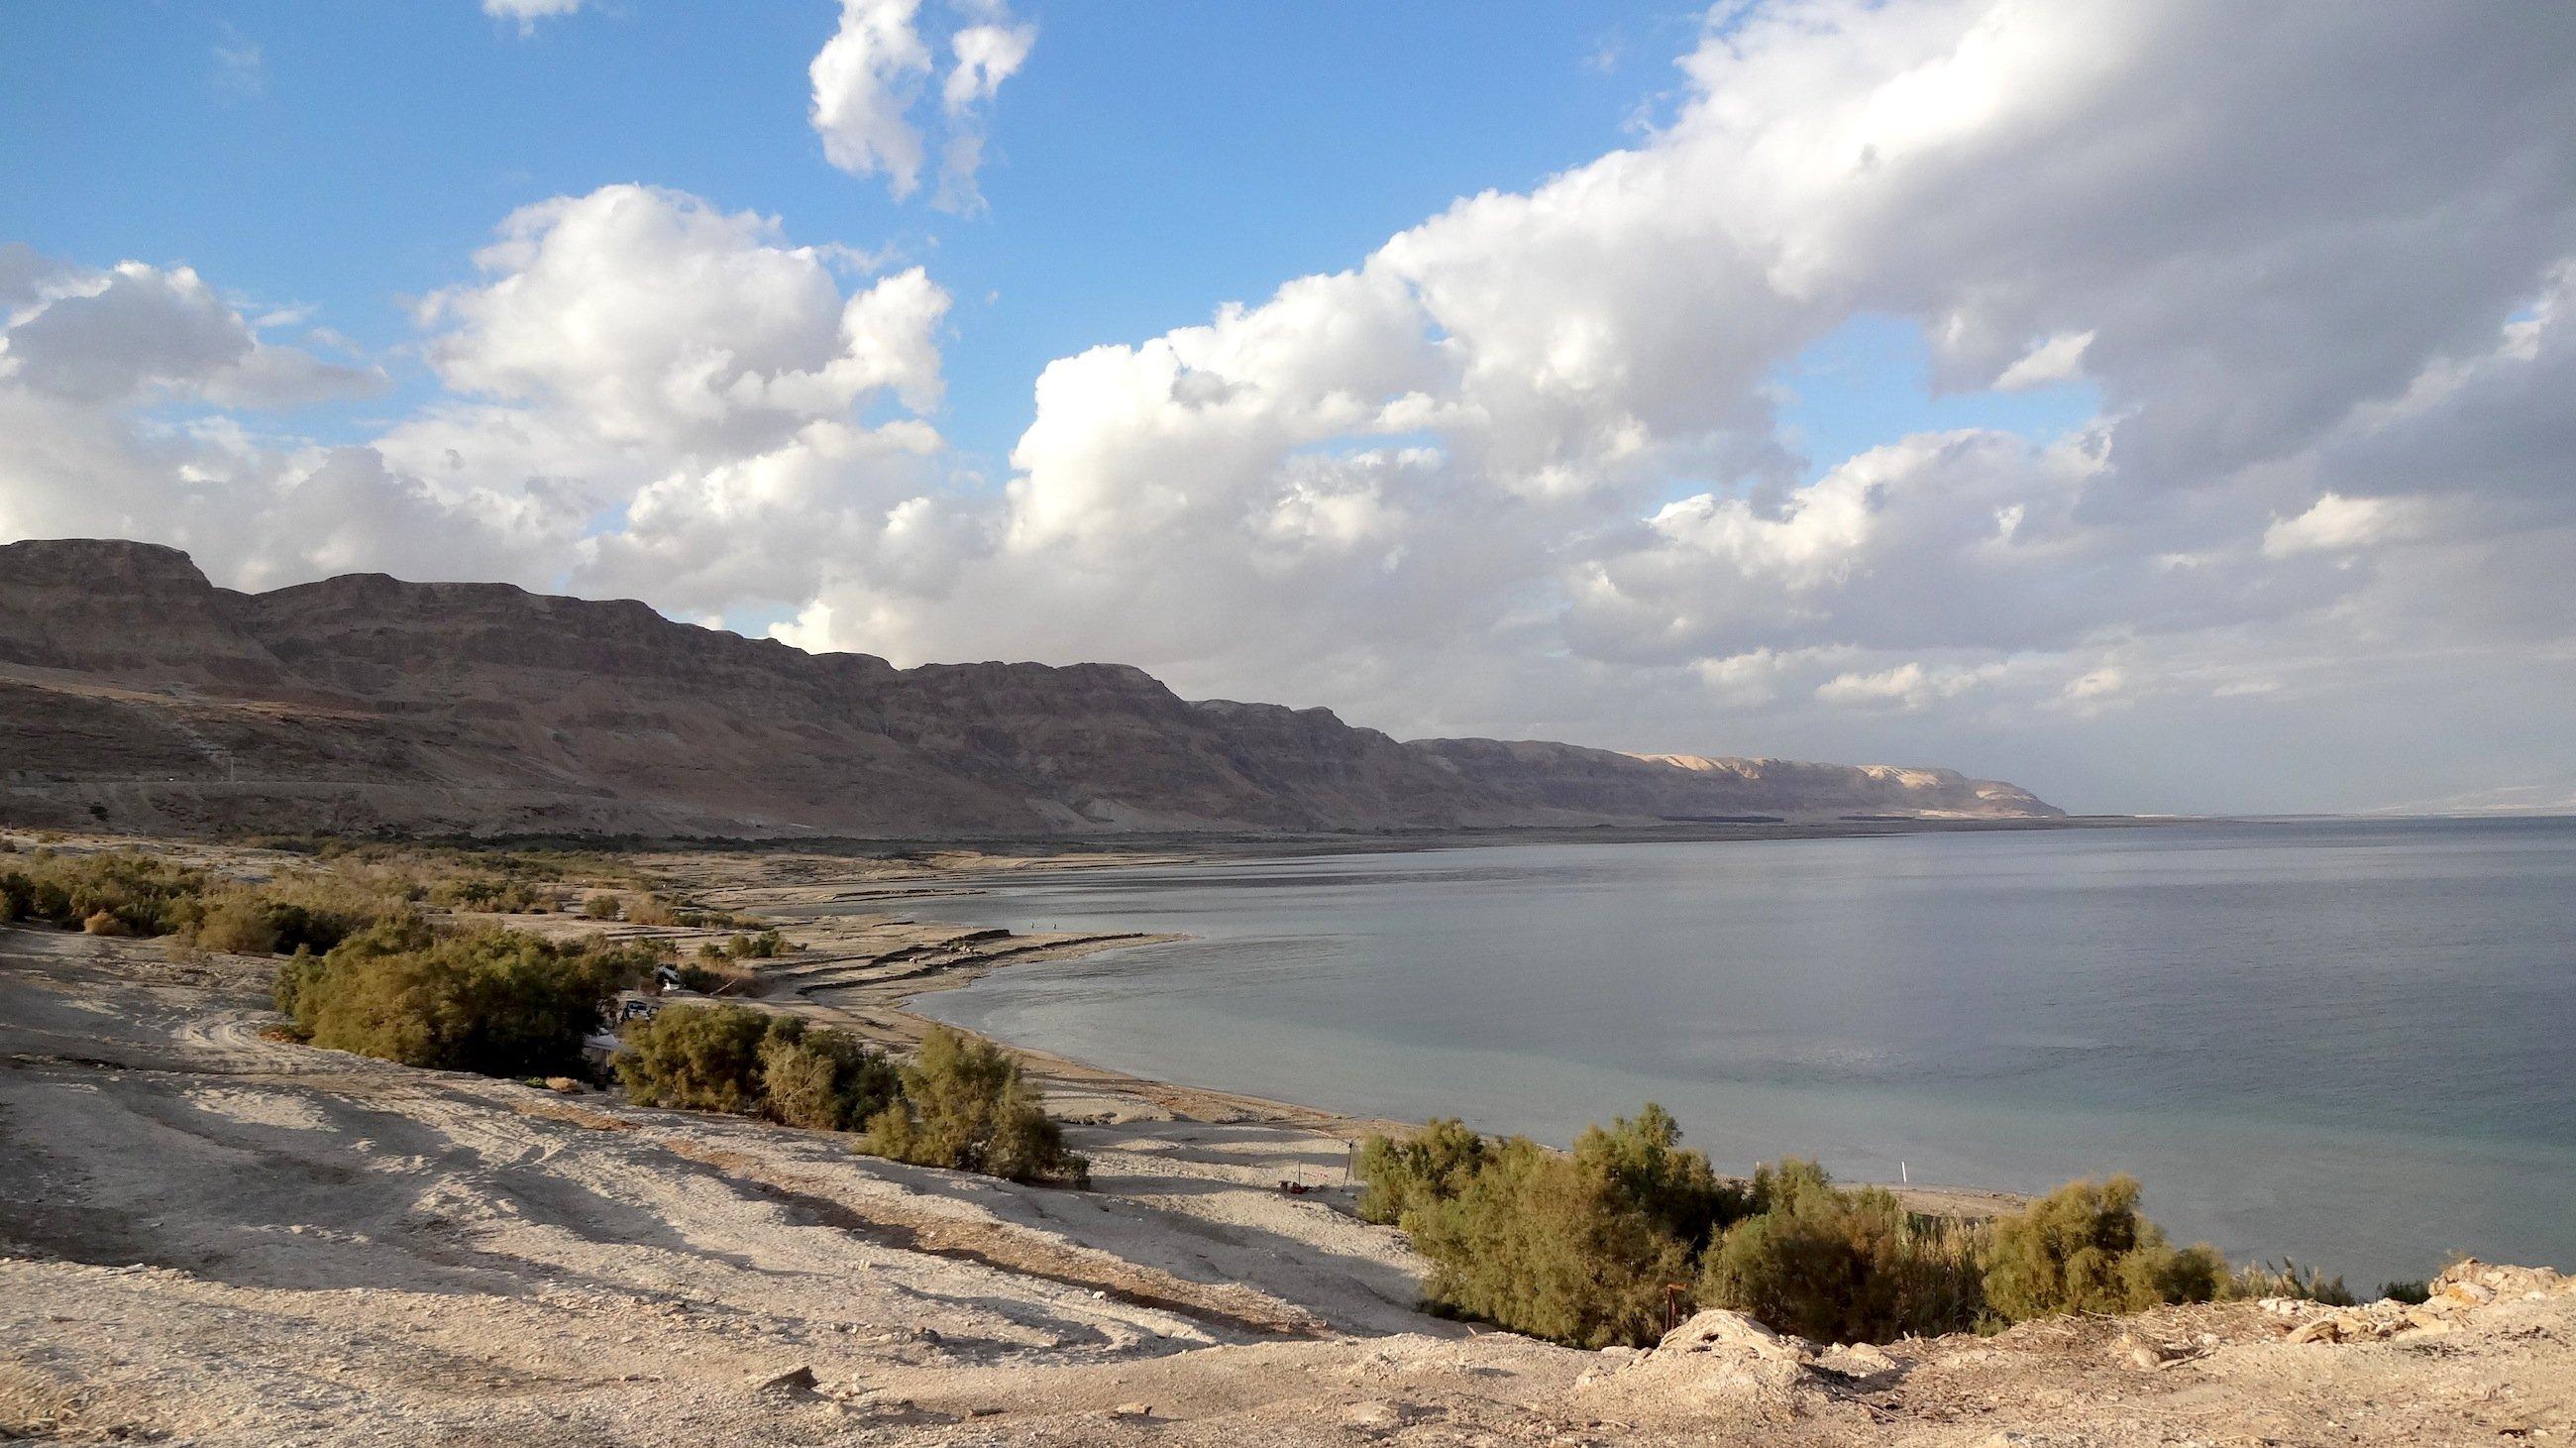 Blick auf das Tote Meer in der Nähe von En Gedi mit dem Judäischen Gebirge im Westjordanland.